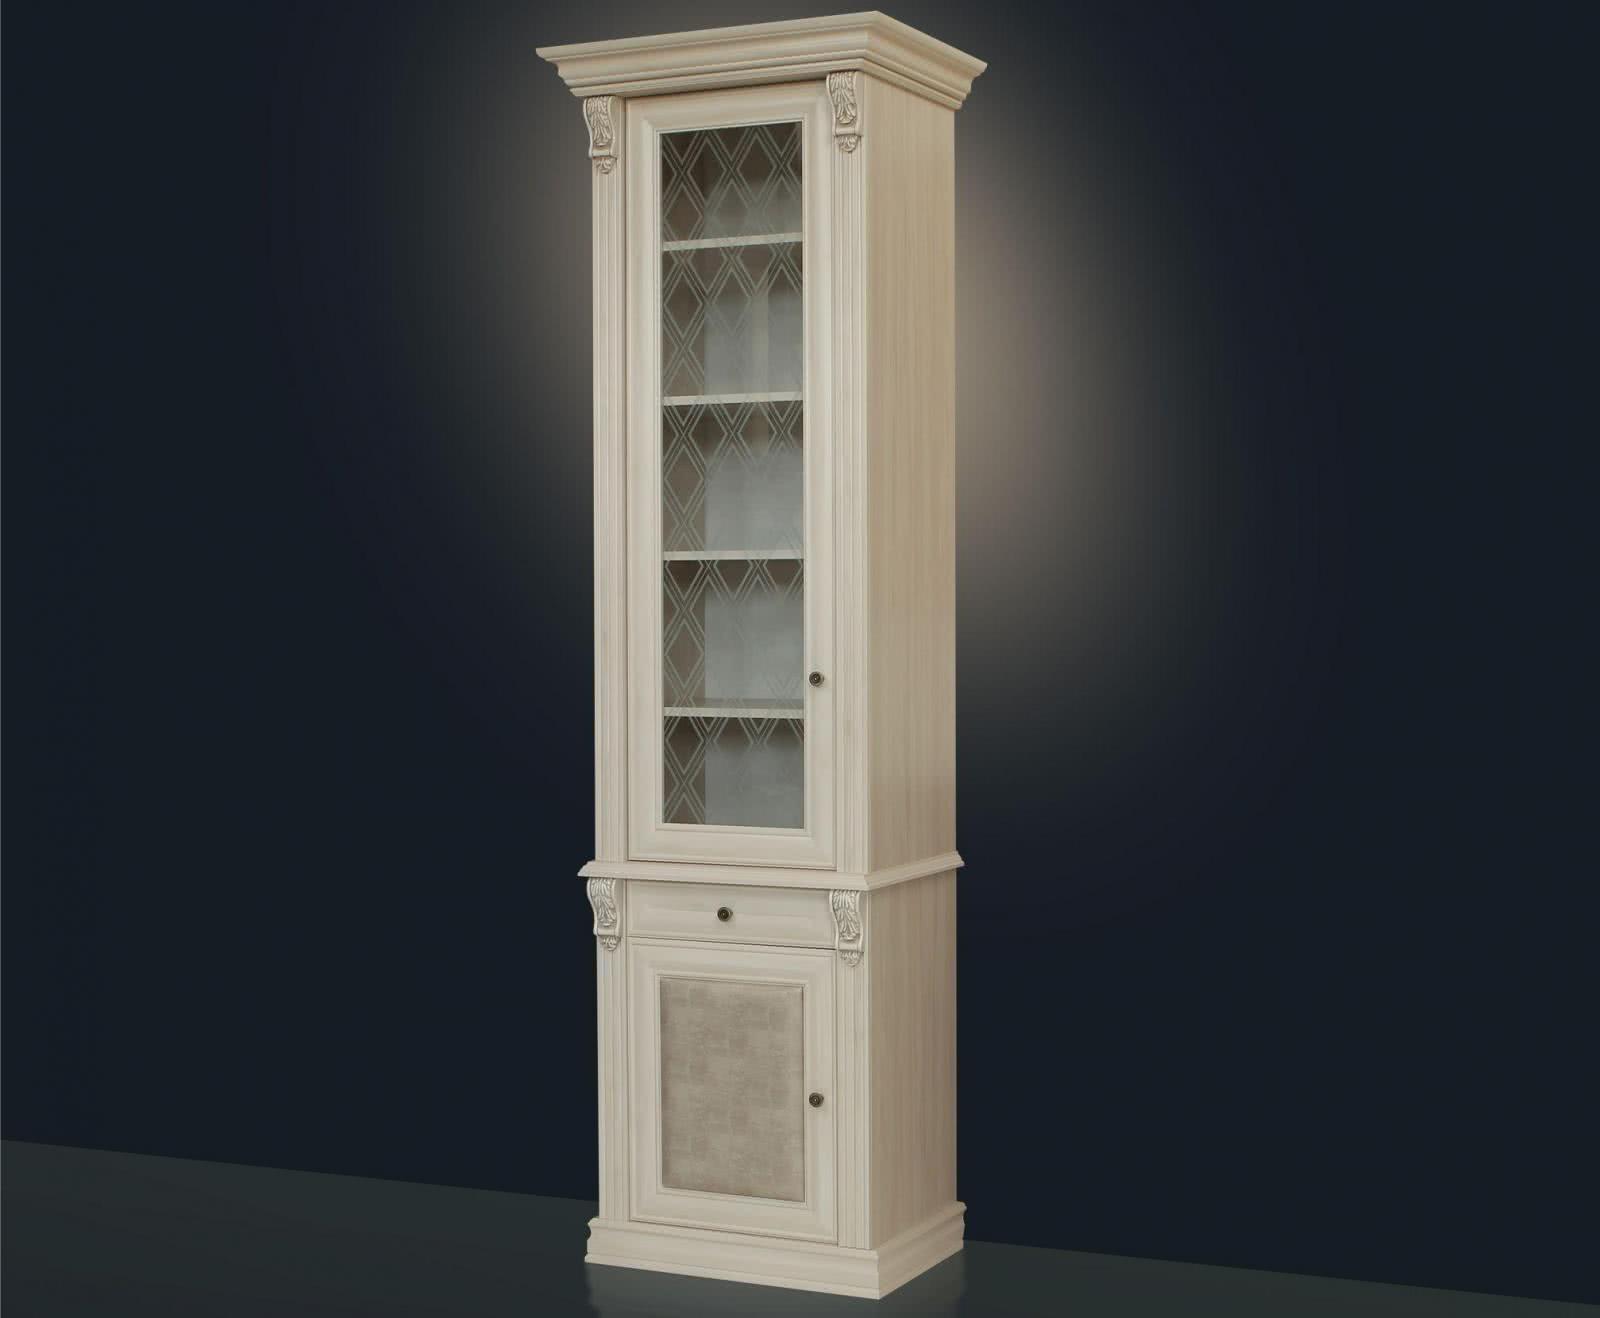 Шкаф для книг 1-ств. с зеркалом и стеклянными полками караме.